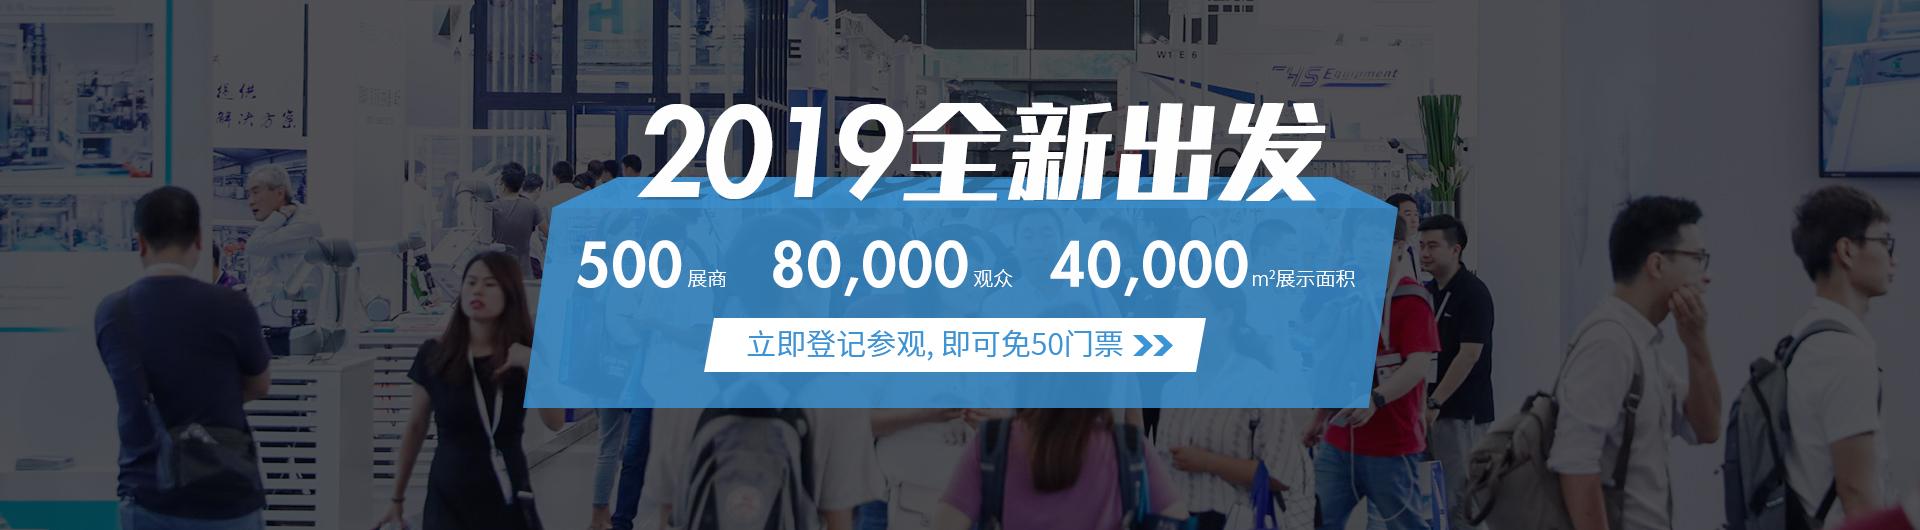 2019预登记cn